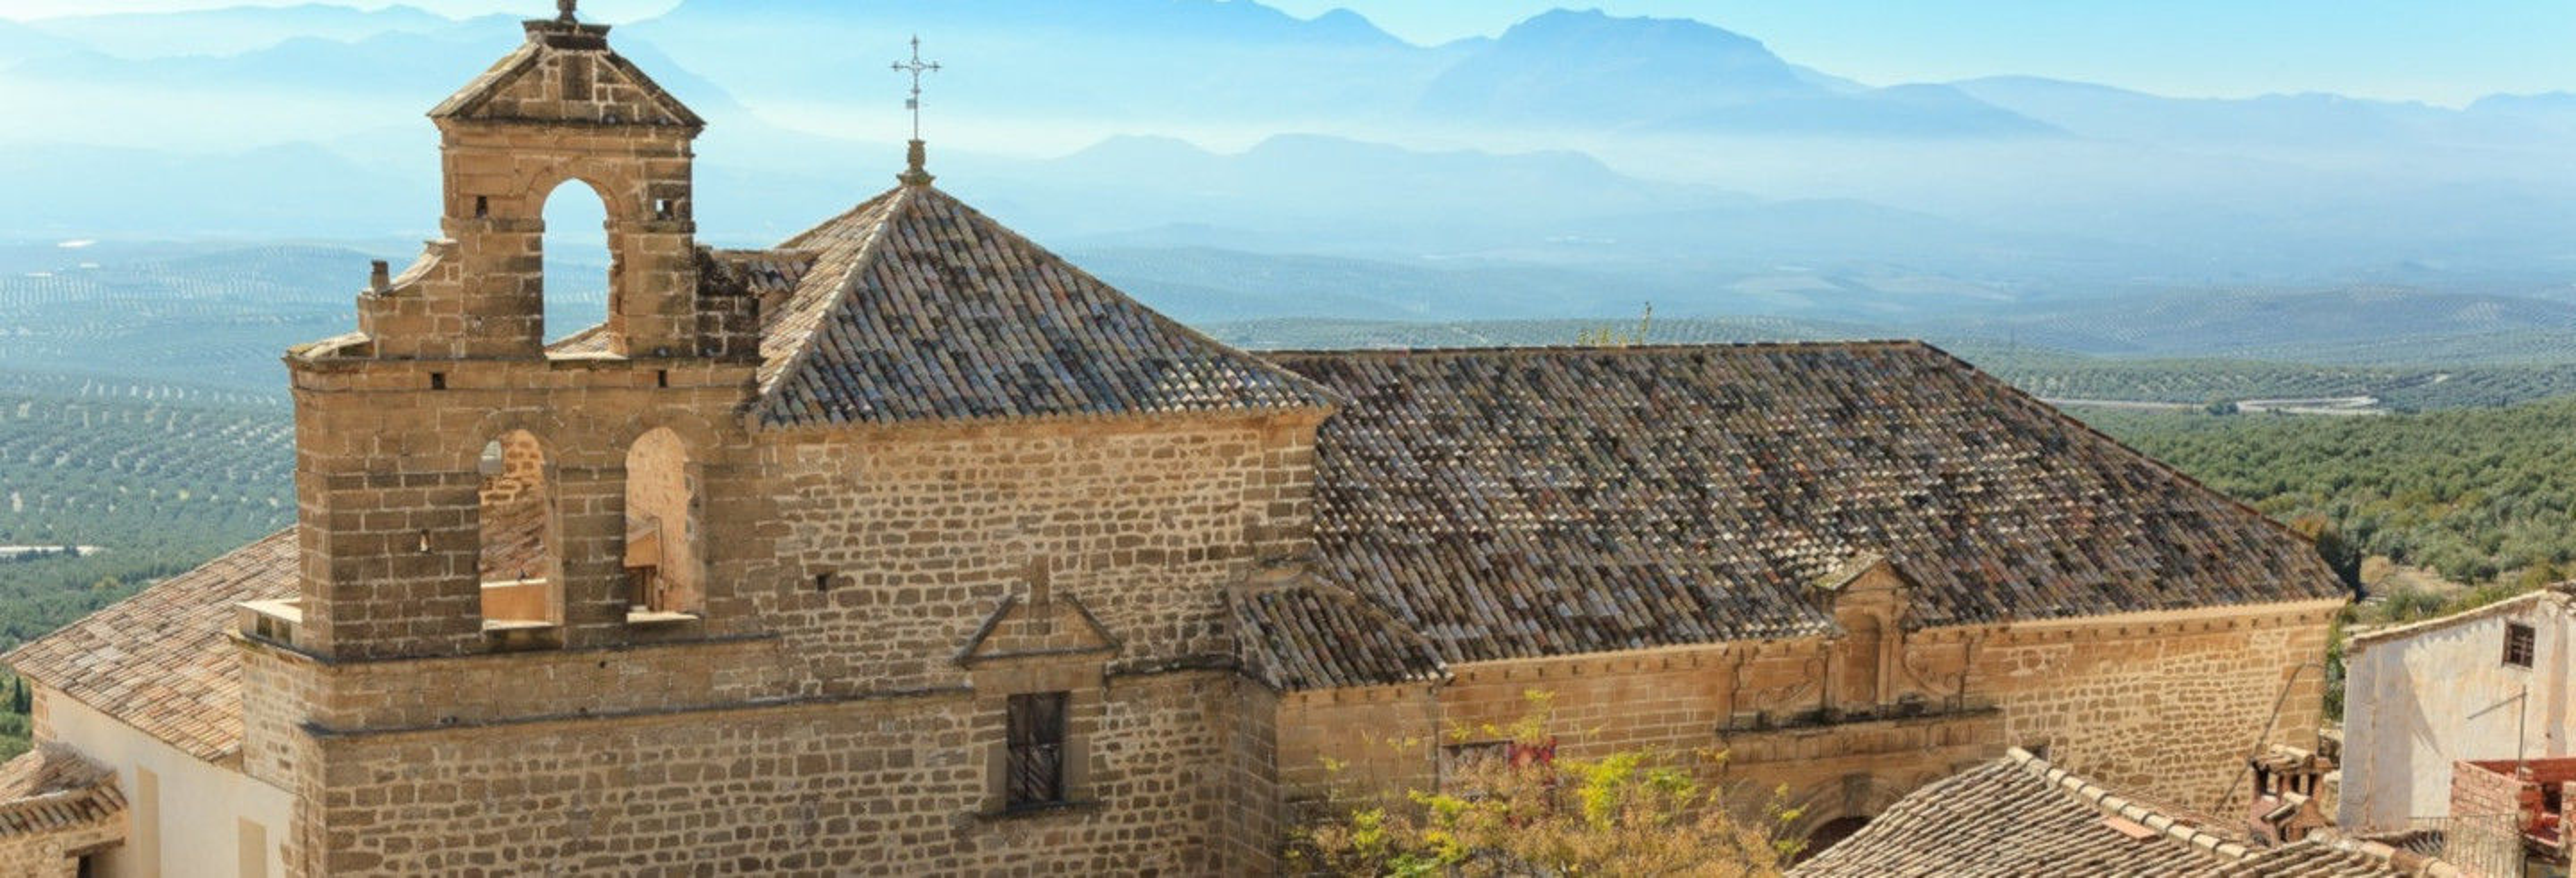 Visita guiada por la Iglesia de San Lorenzo